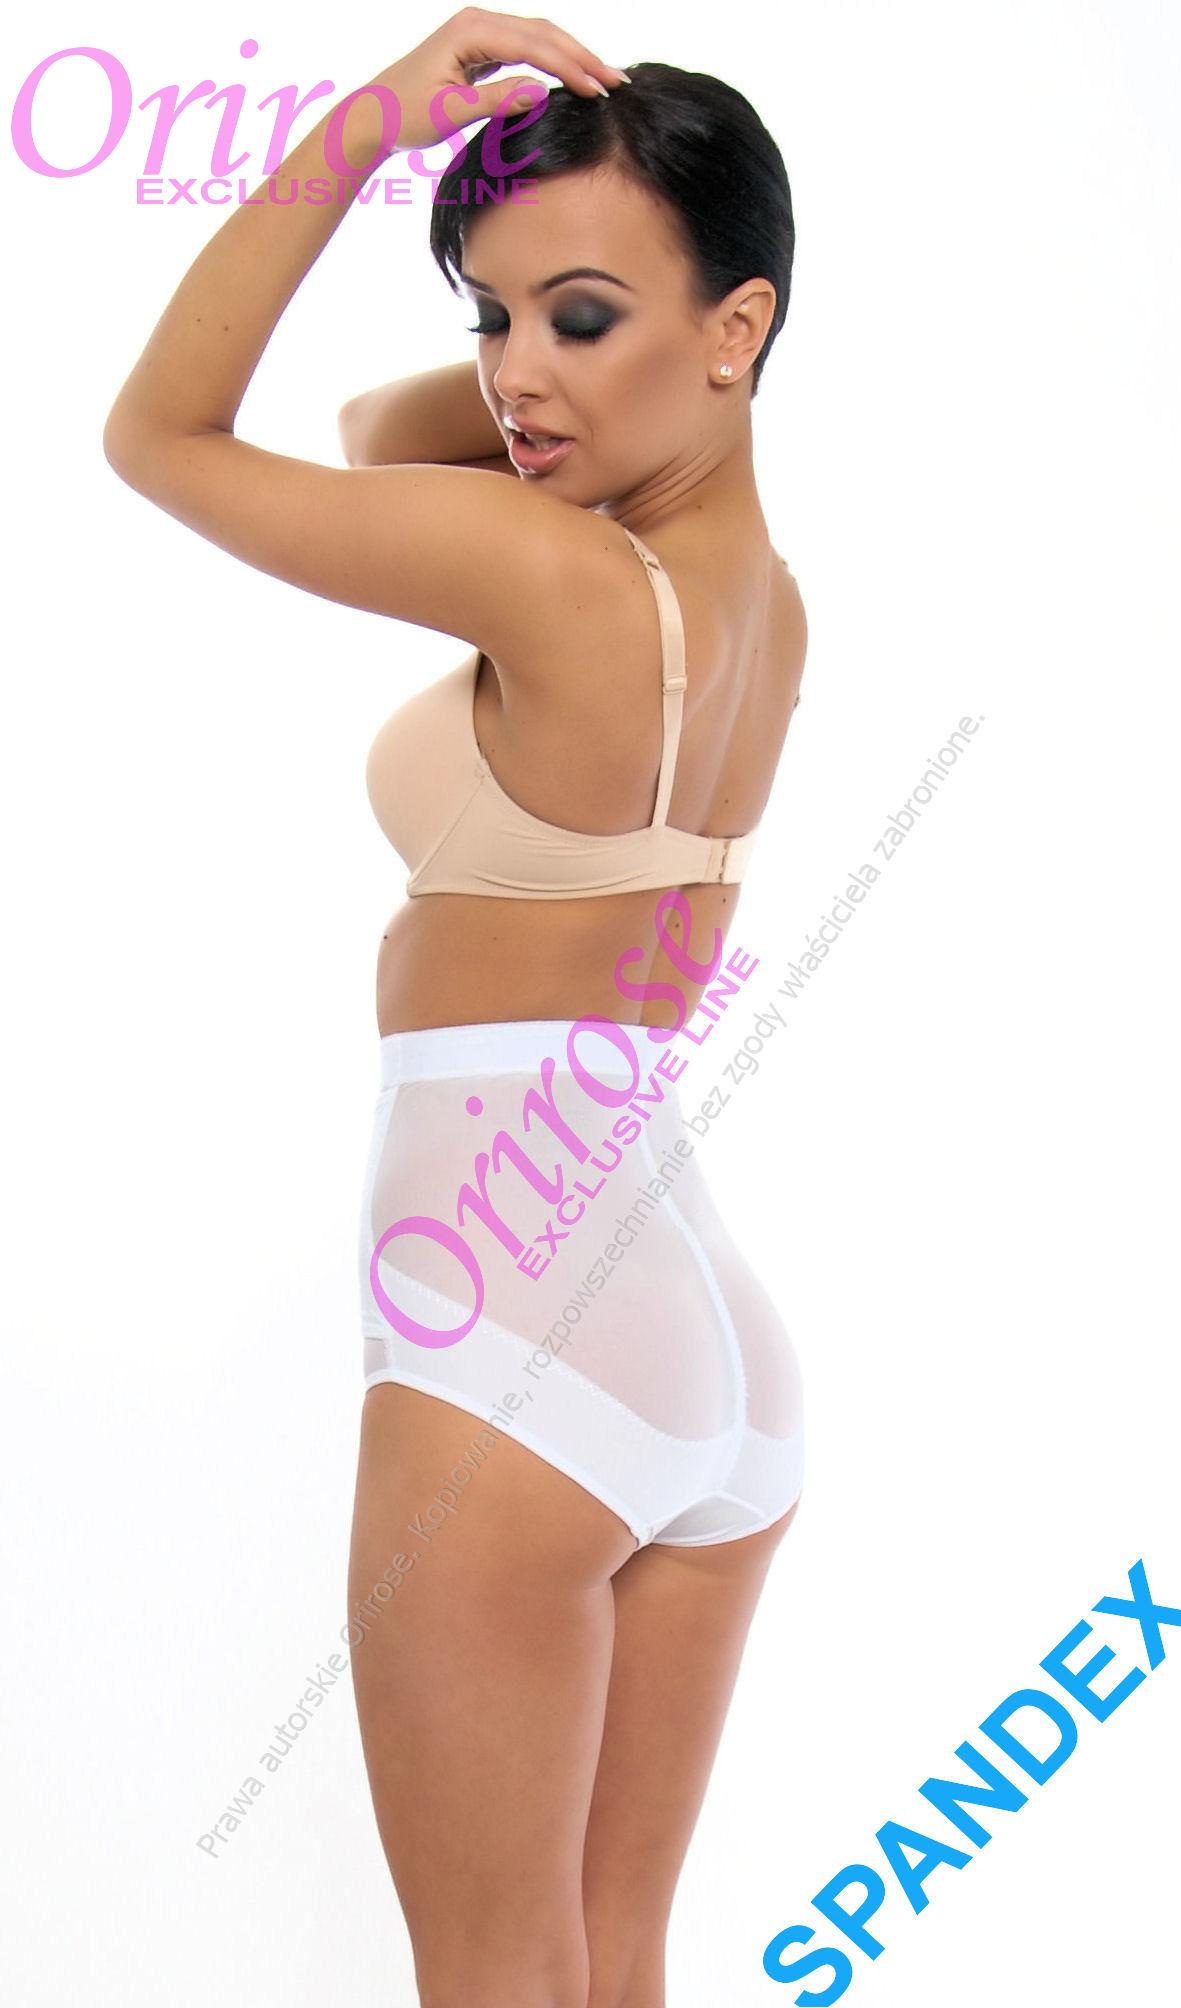 Damen Mieder Slip Taillenmieder Miederhose OriRose 3006 Weiß S-XXXL